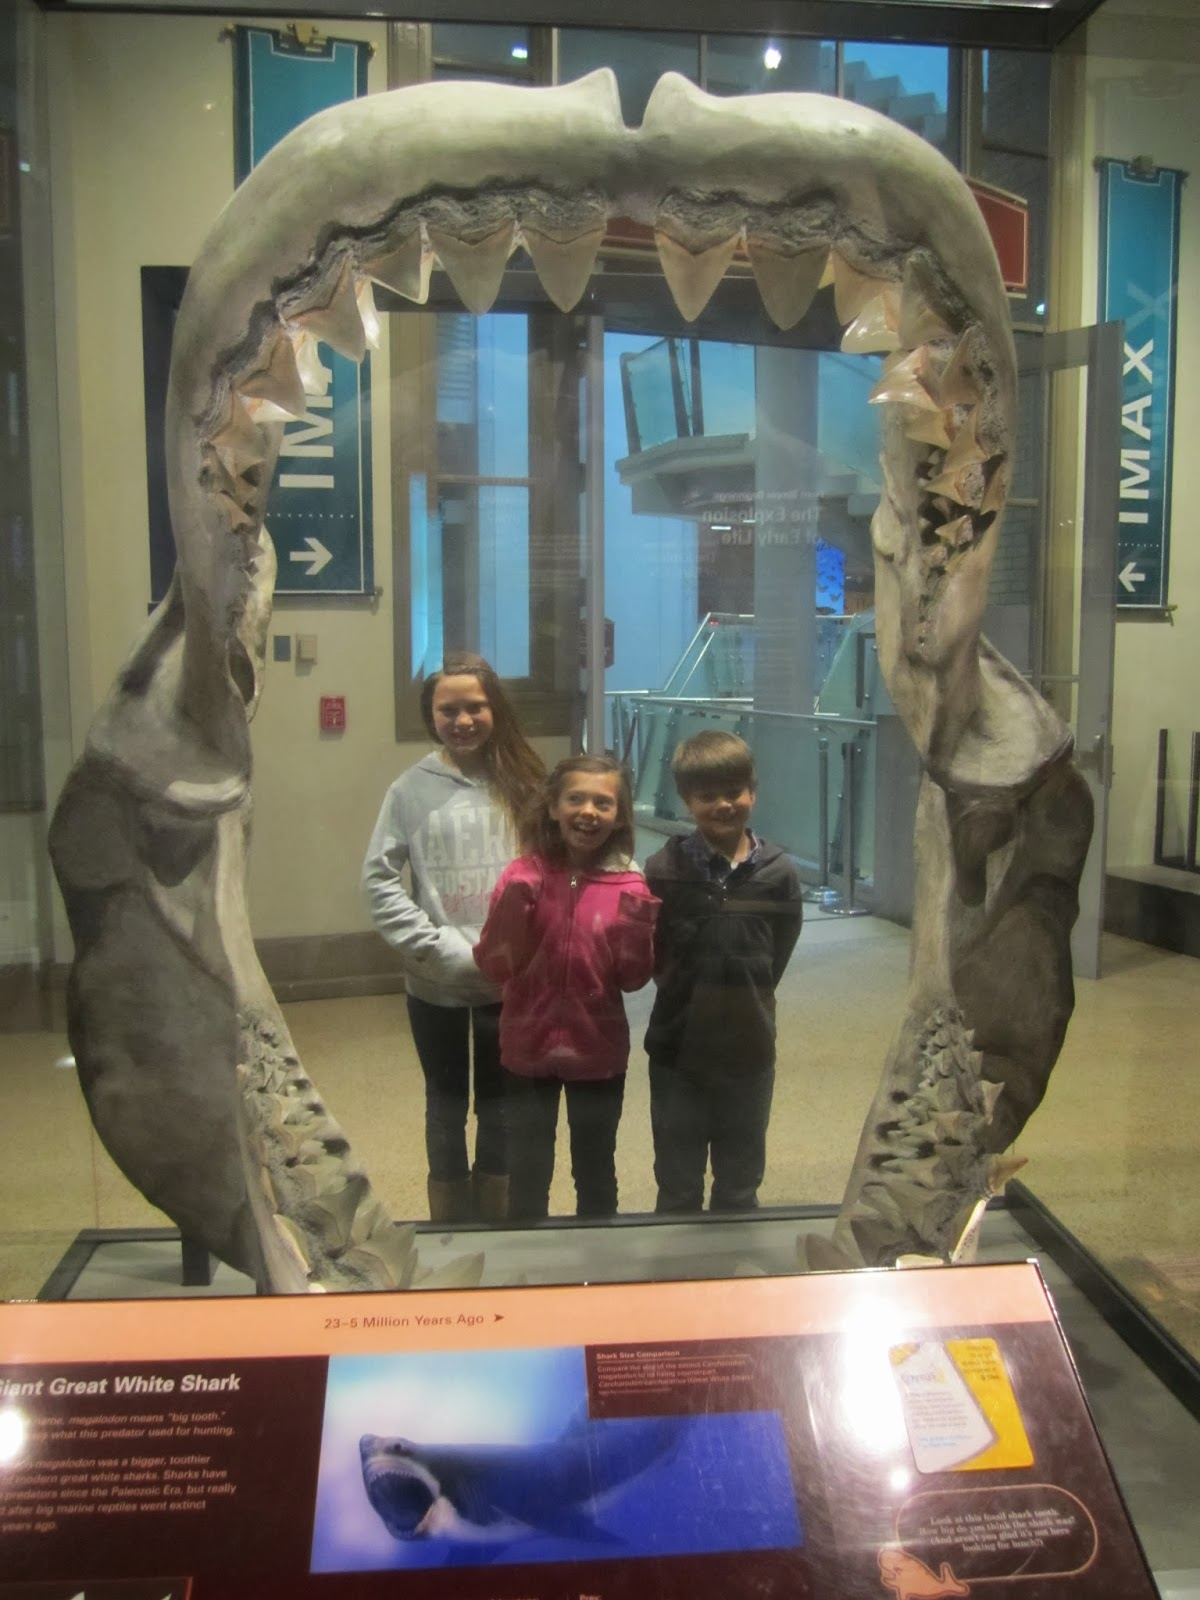 DC natural history museum, shark teeth, kids smiling